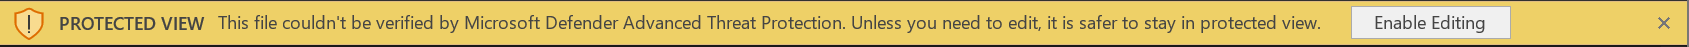 Екранна снимка на MDATP Business Bar, ако възникне грешка по време на сканирането на файла